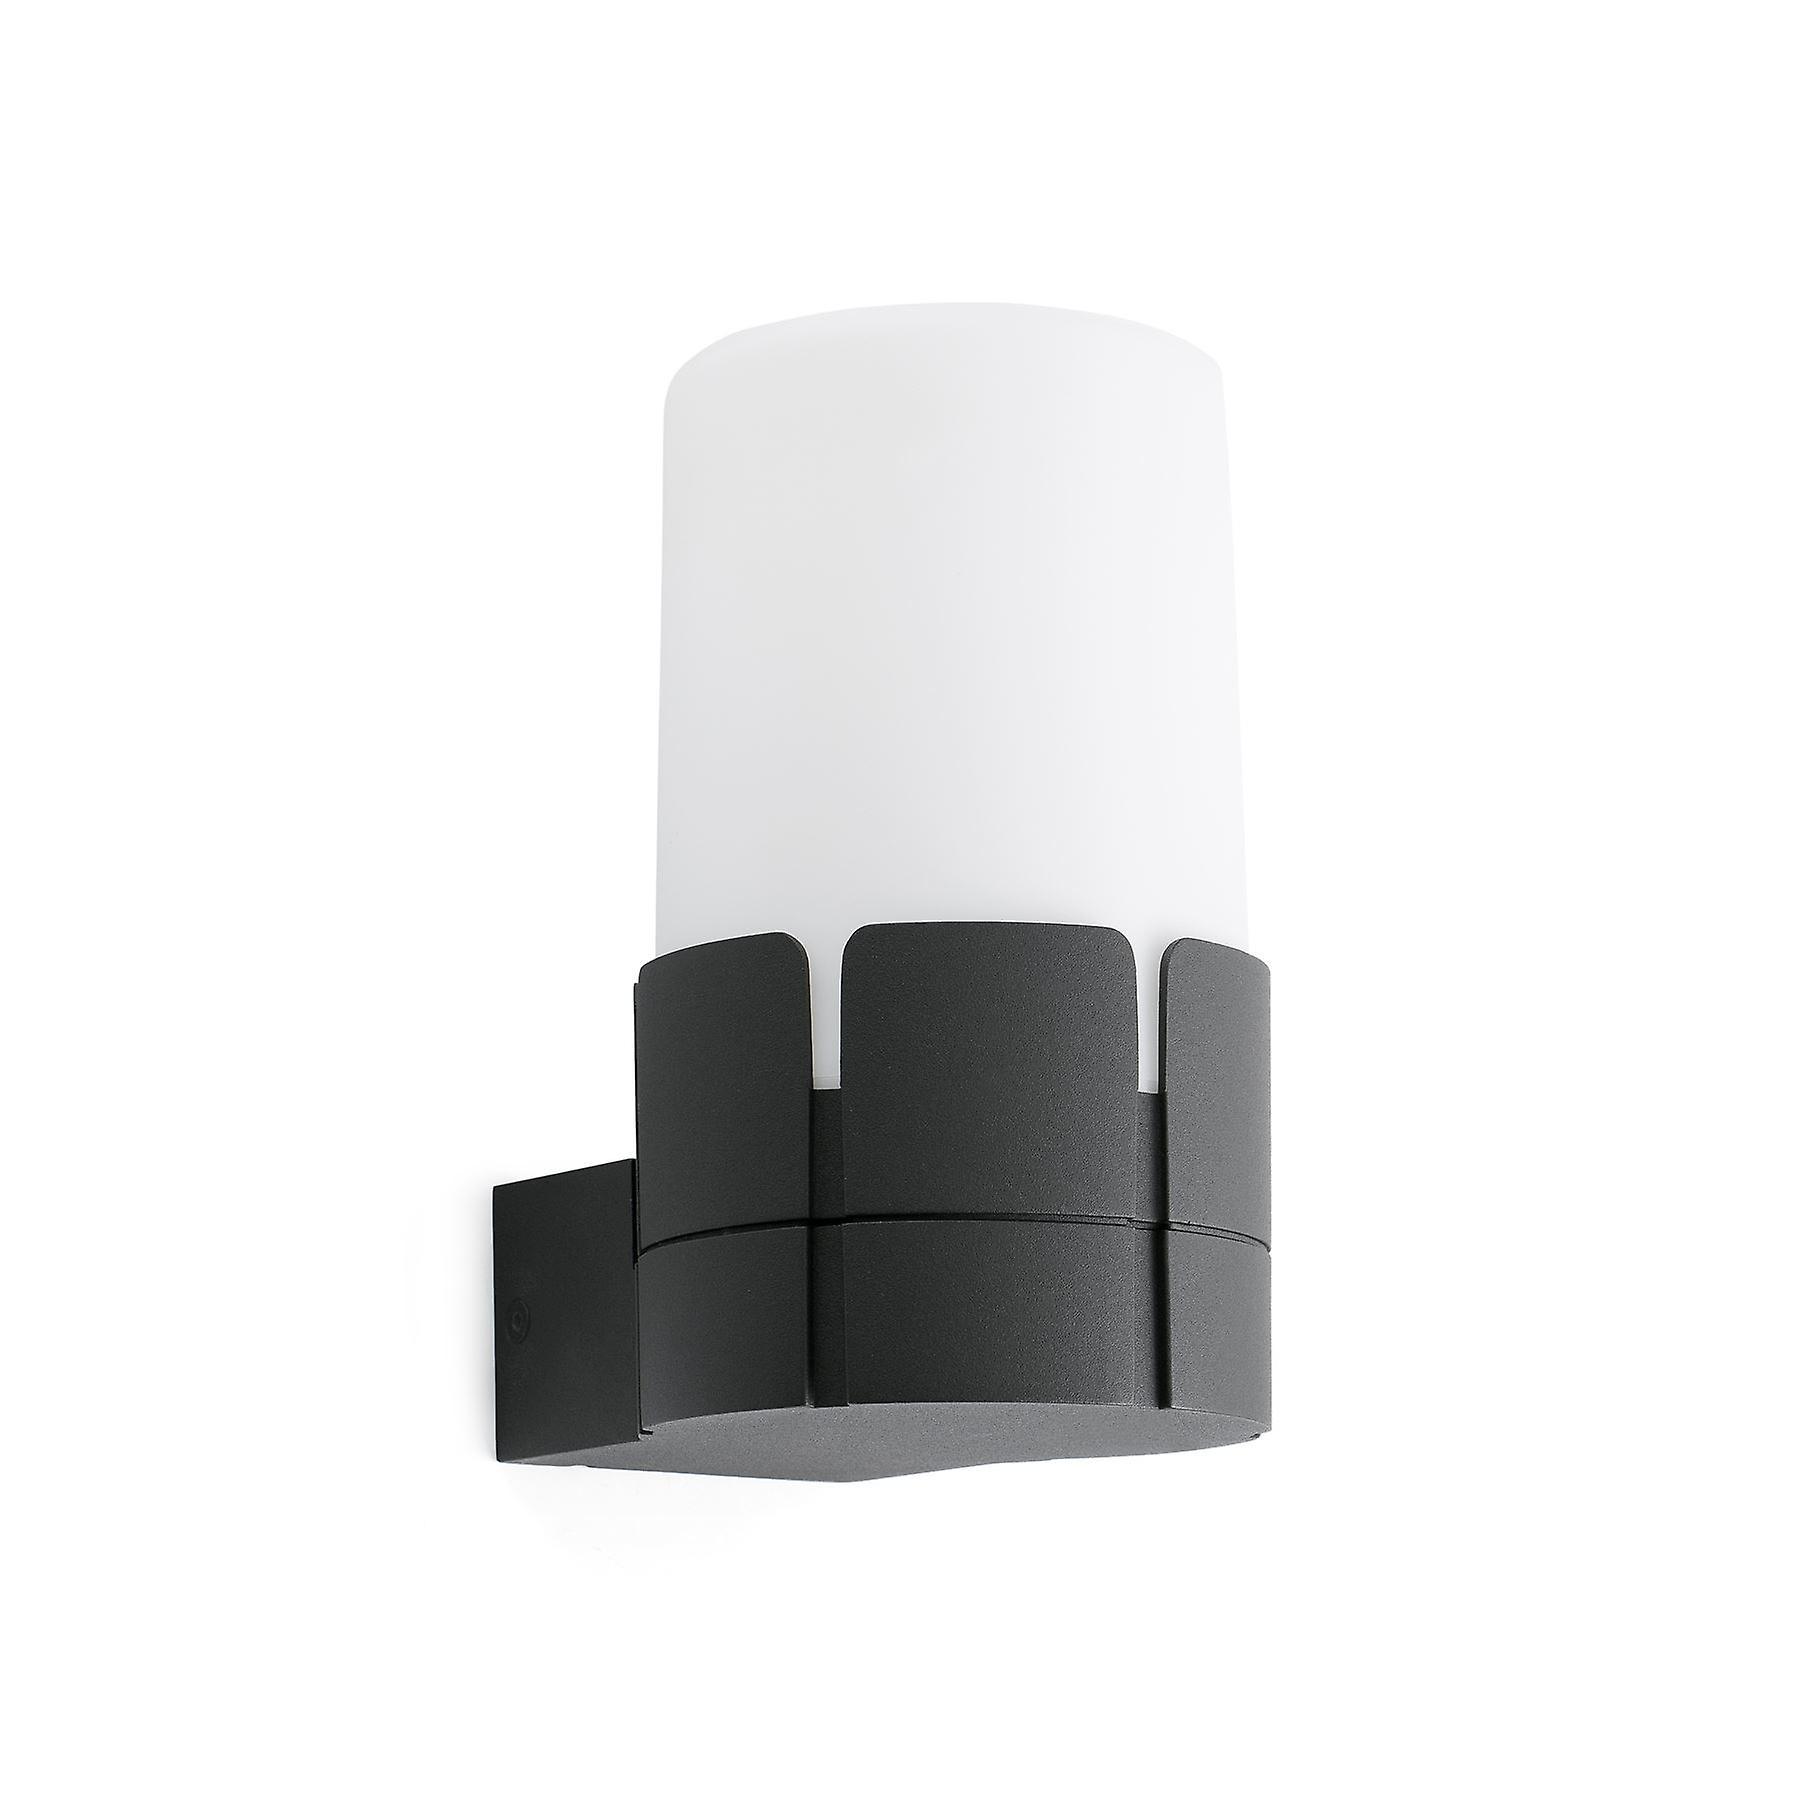 Faro - Tram Dark gris LED de plein air Wall lumière FARO75529